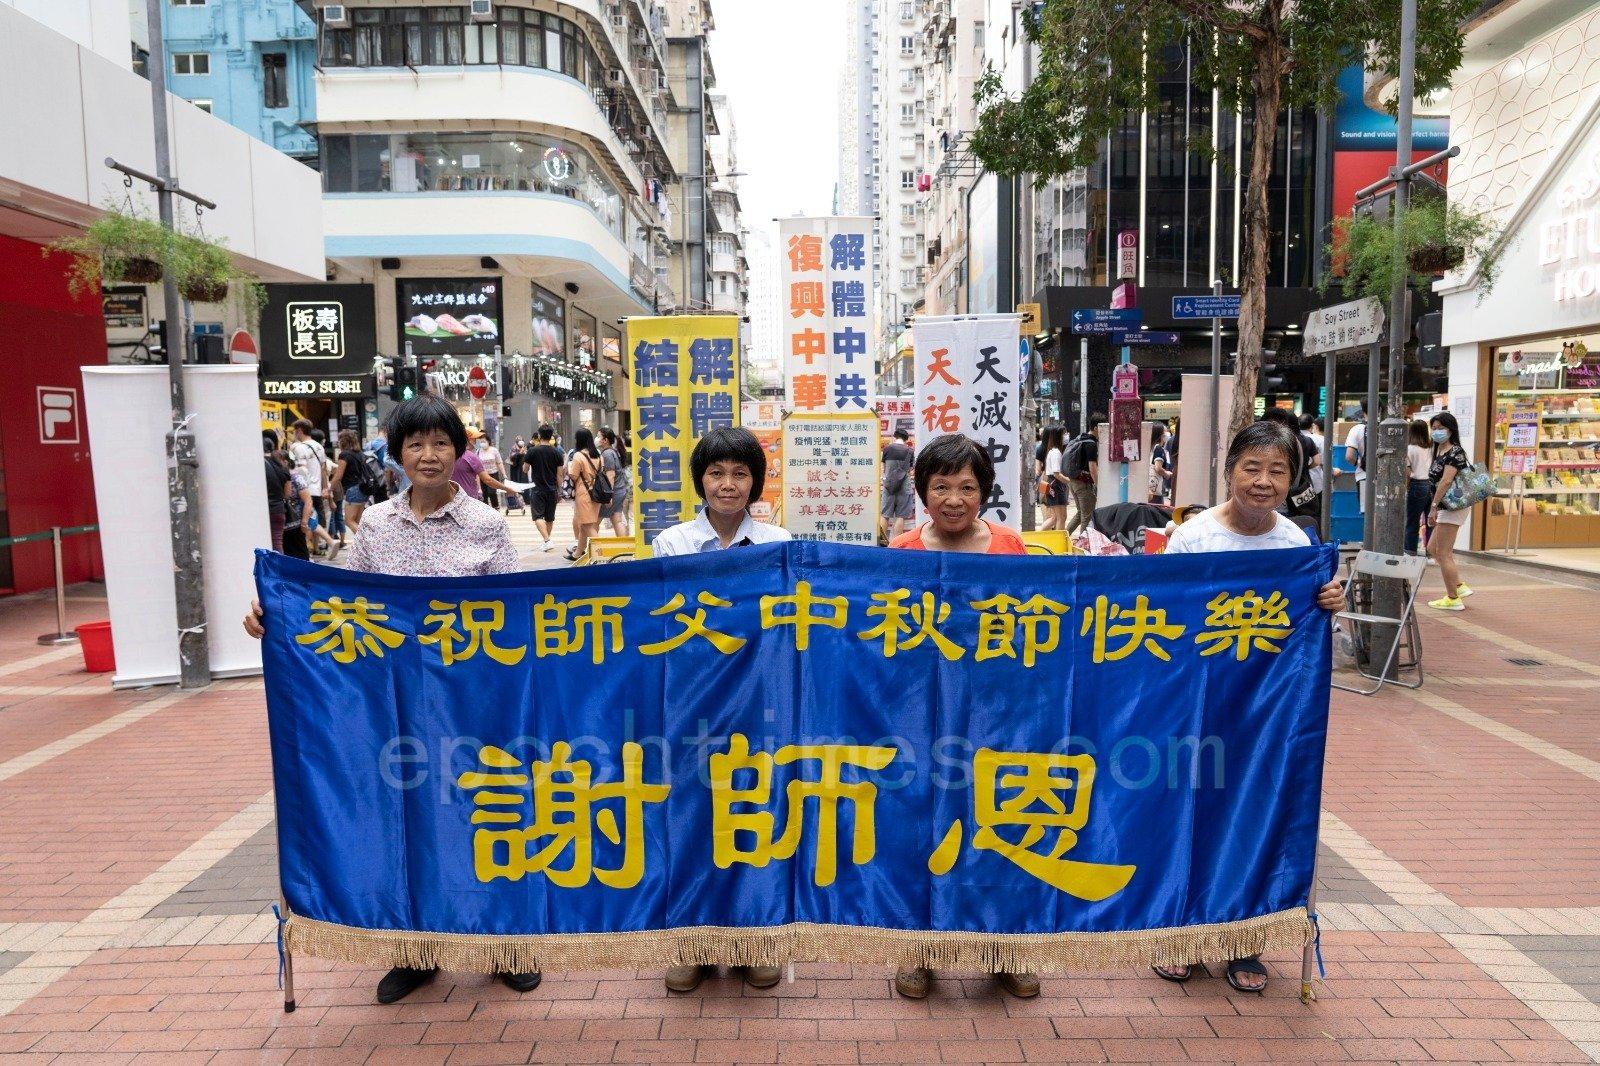 中秋佳節之際,香港法輪功學員帶著無限感恩的心情,以各種方式向慈悲偉大的師尊恭祝中秋快樂,同時堅持在各景點講真相、勸三退。(余鋼/大紀元)